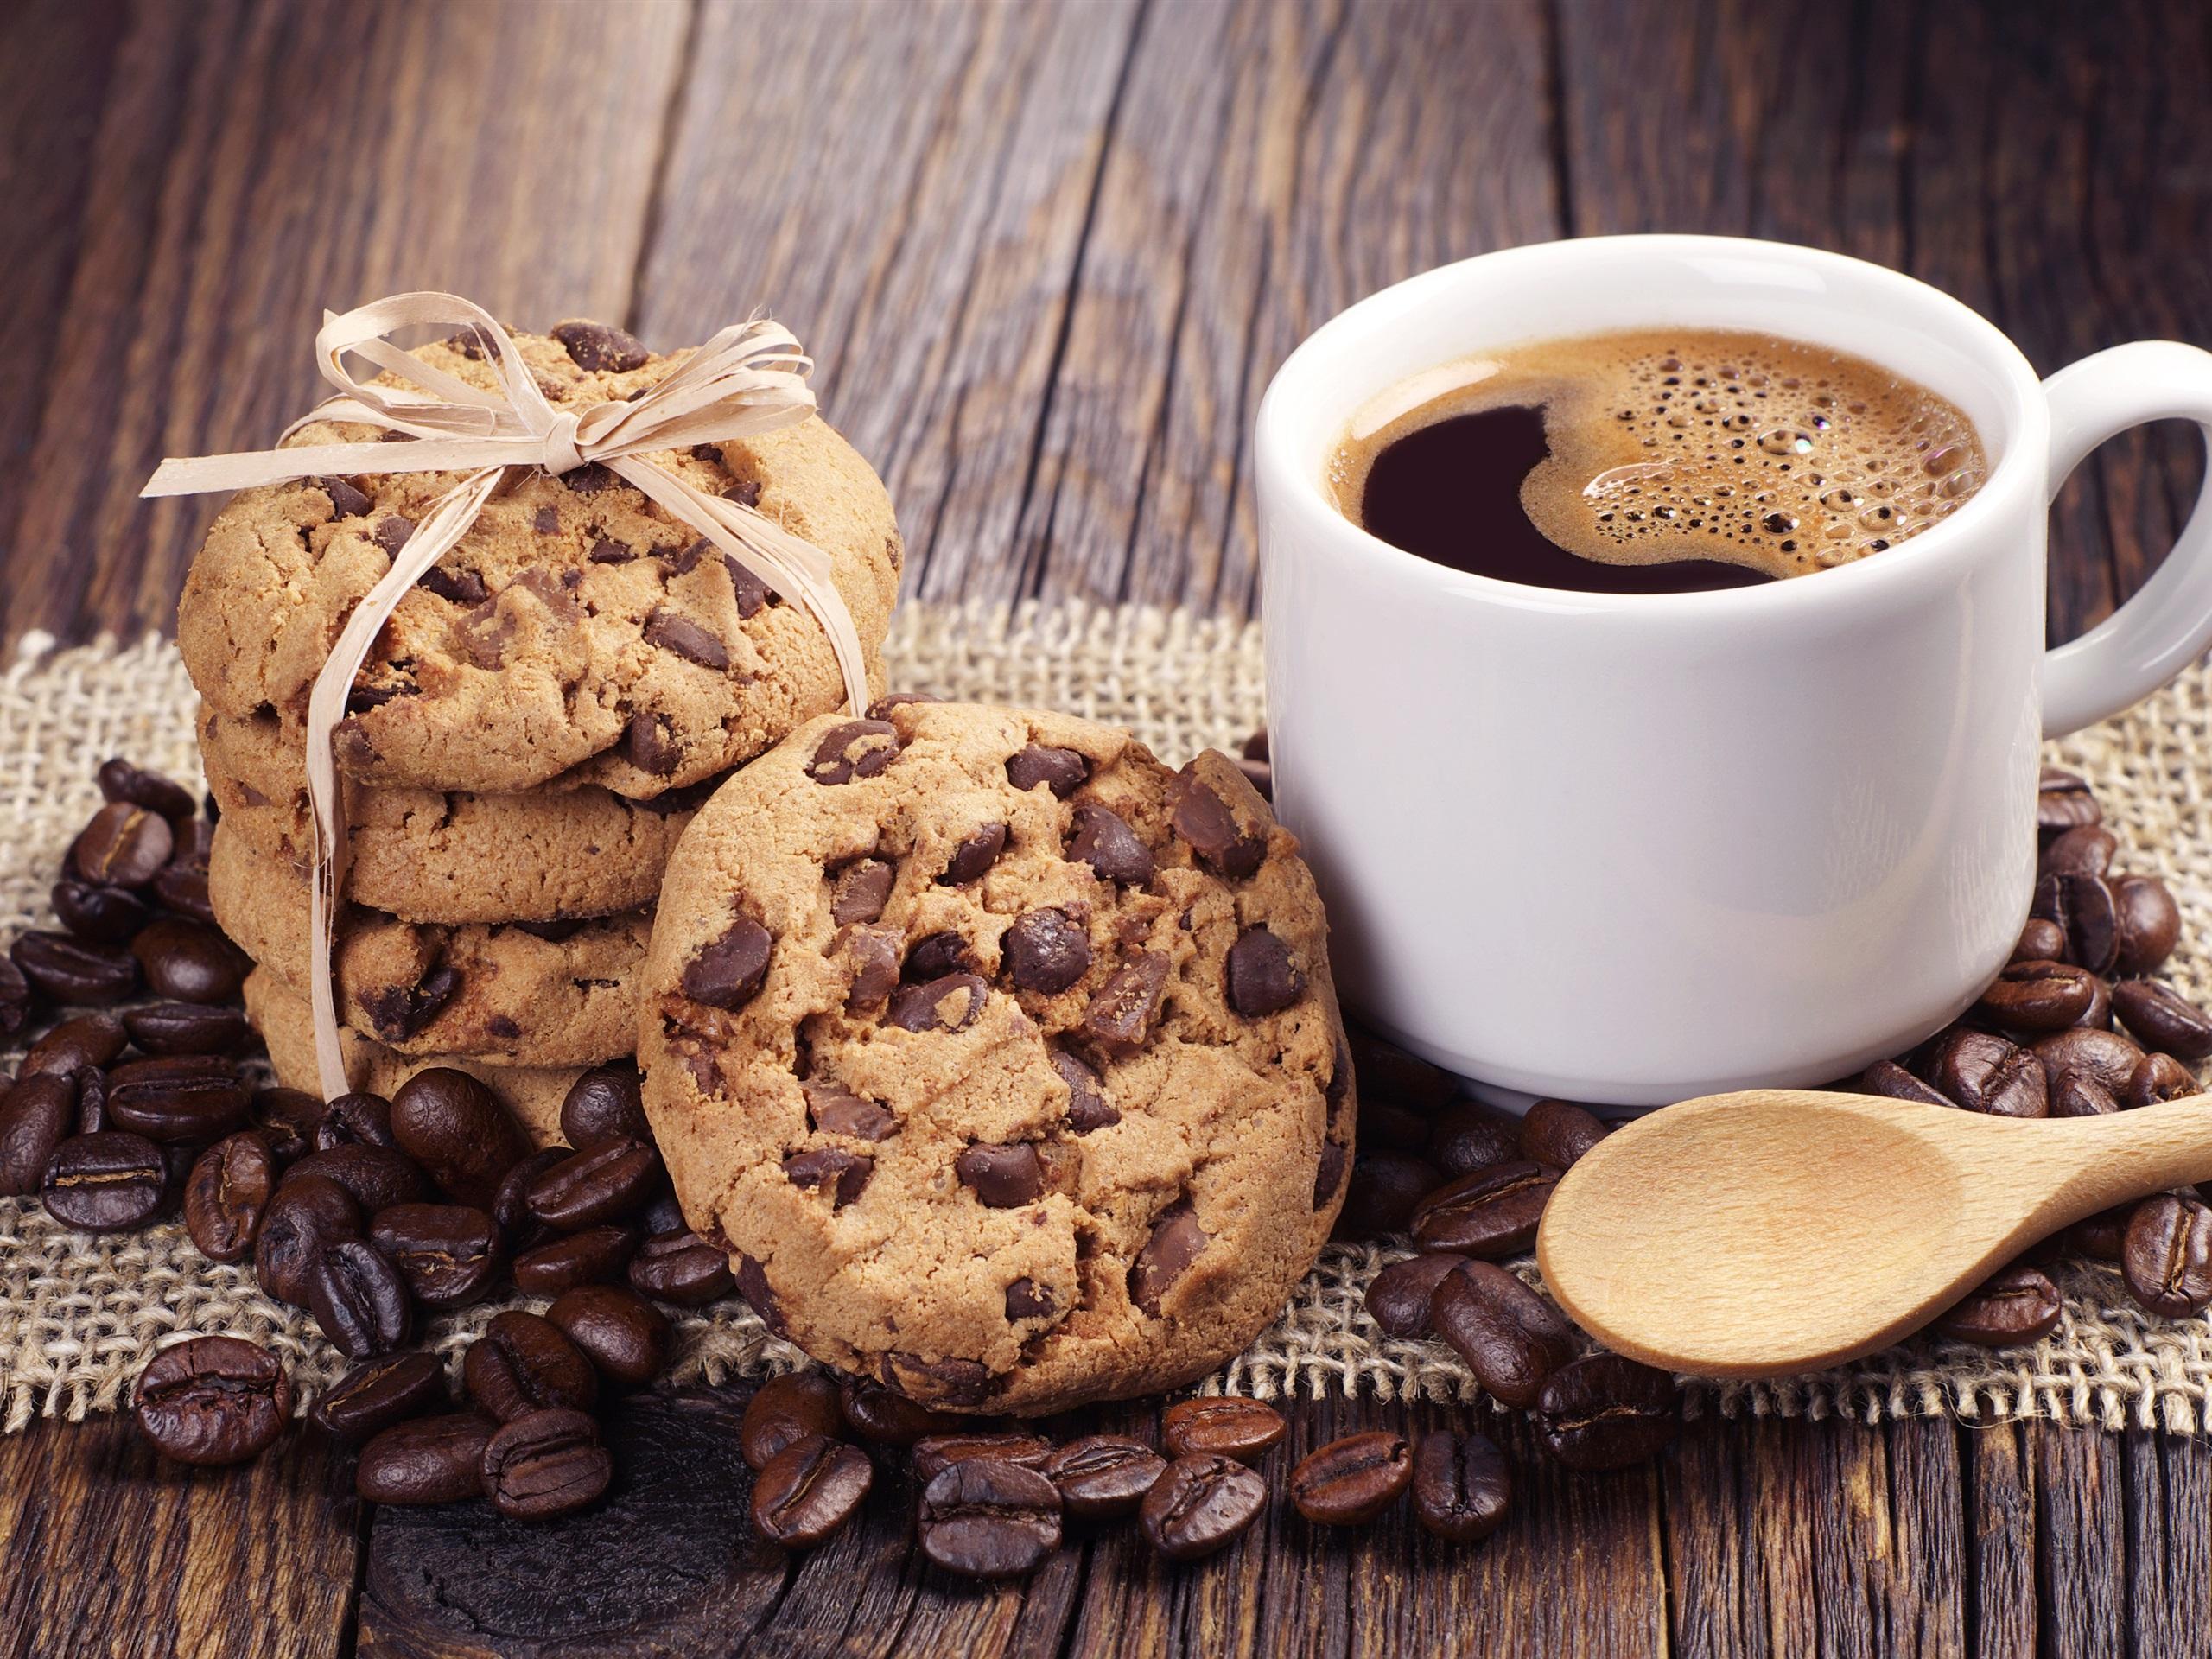 картинки кофе в кружке и печеньки уже